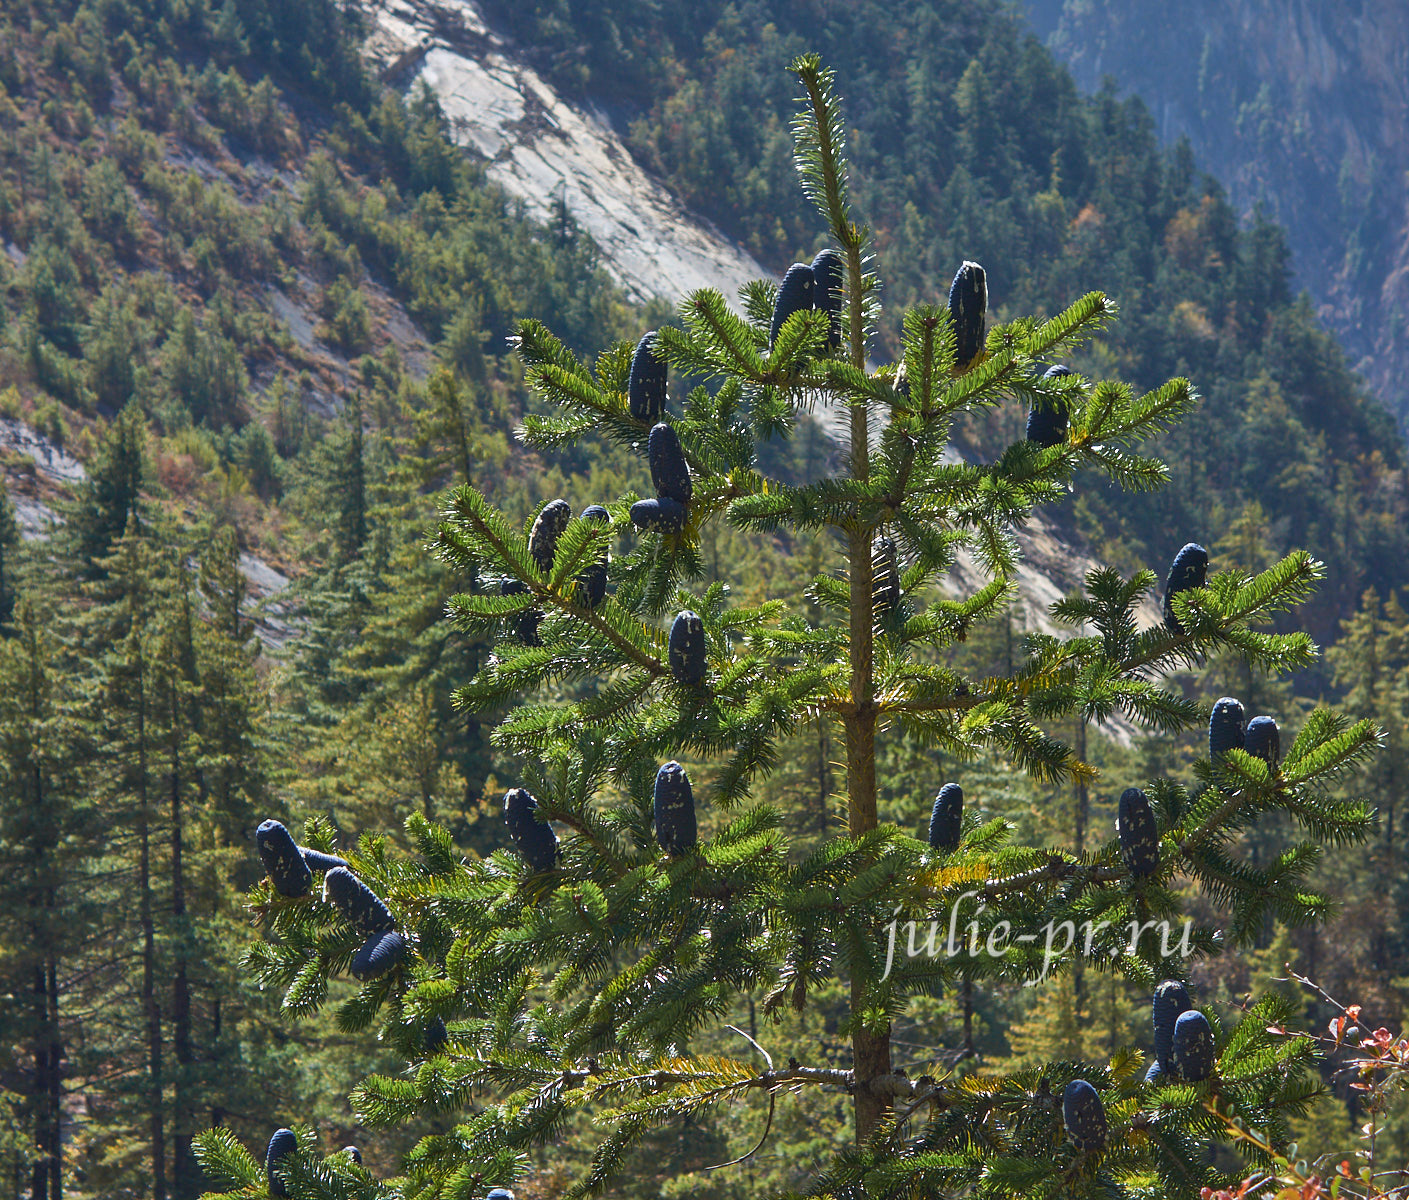 Непал, Трек вокруг Аннапурны, Сосна с шишками